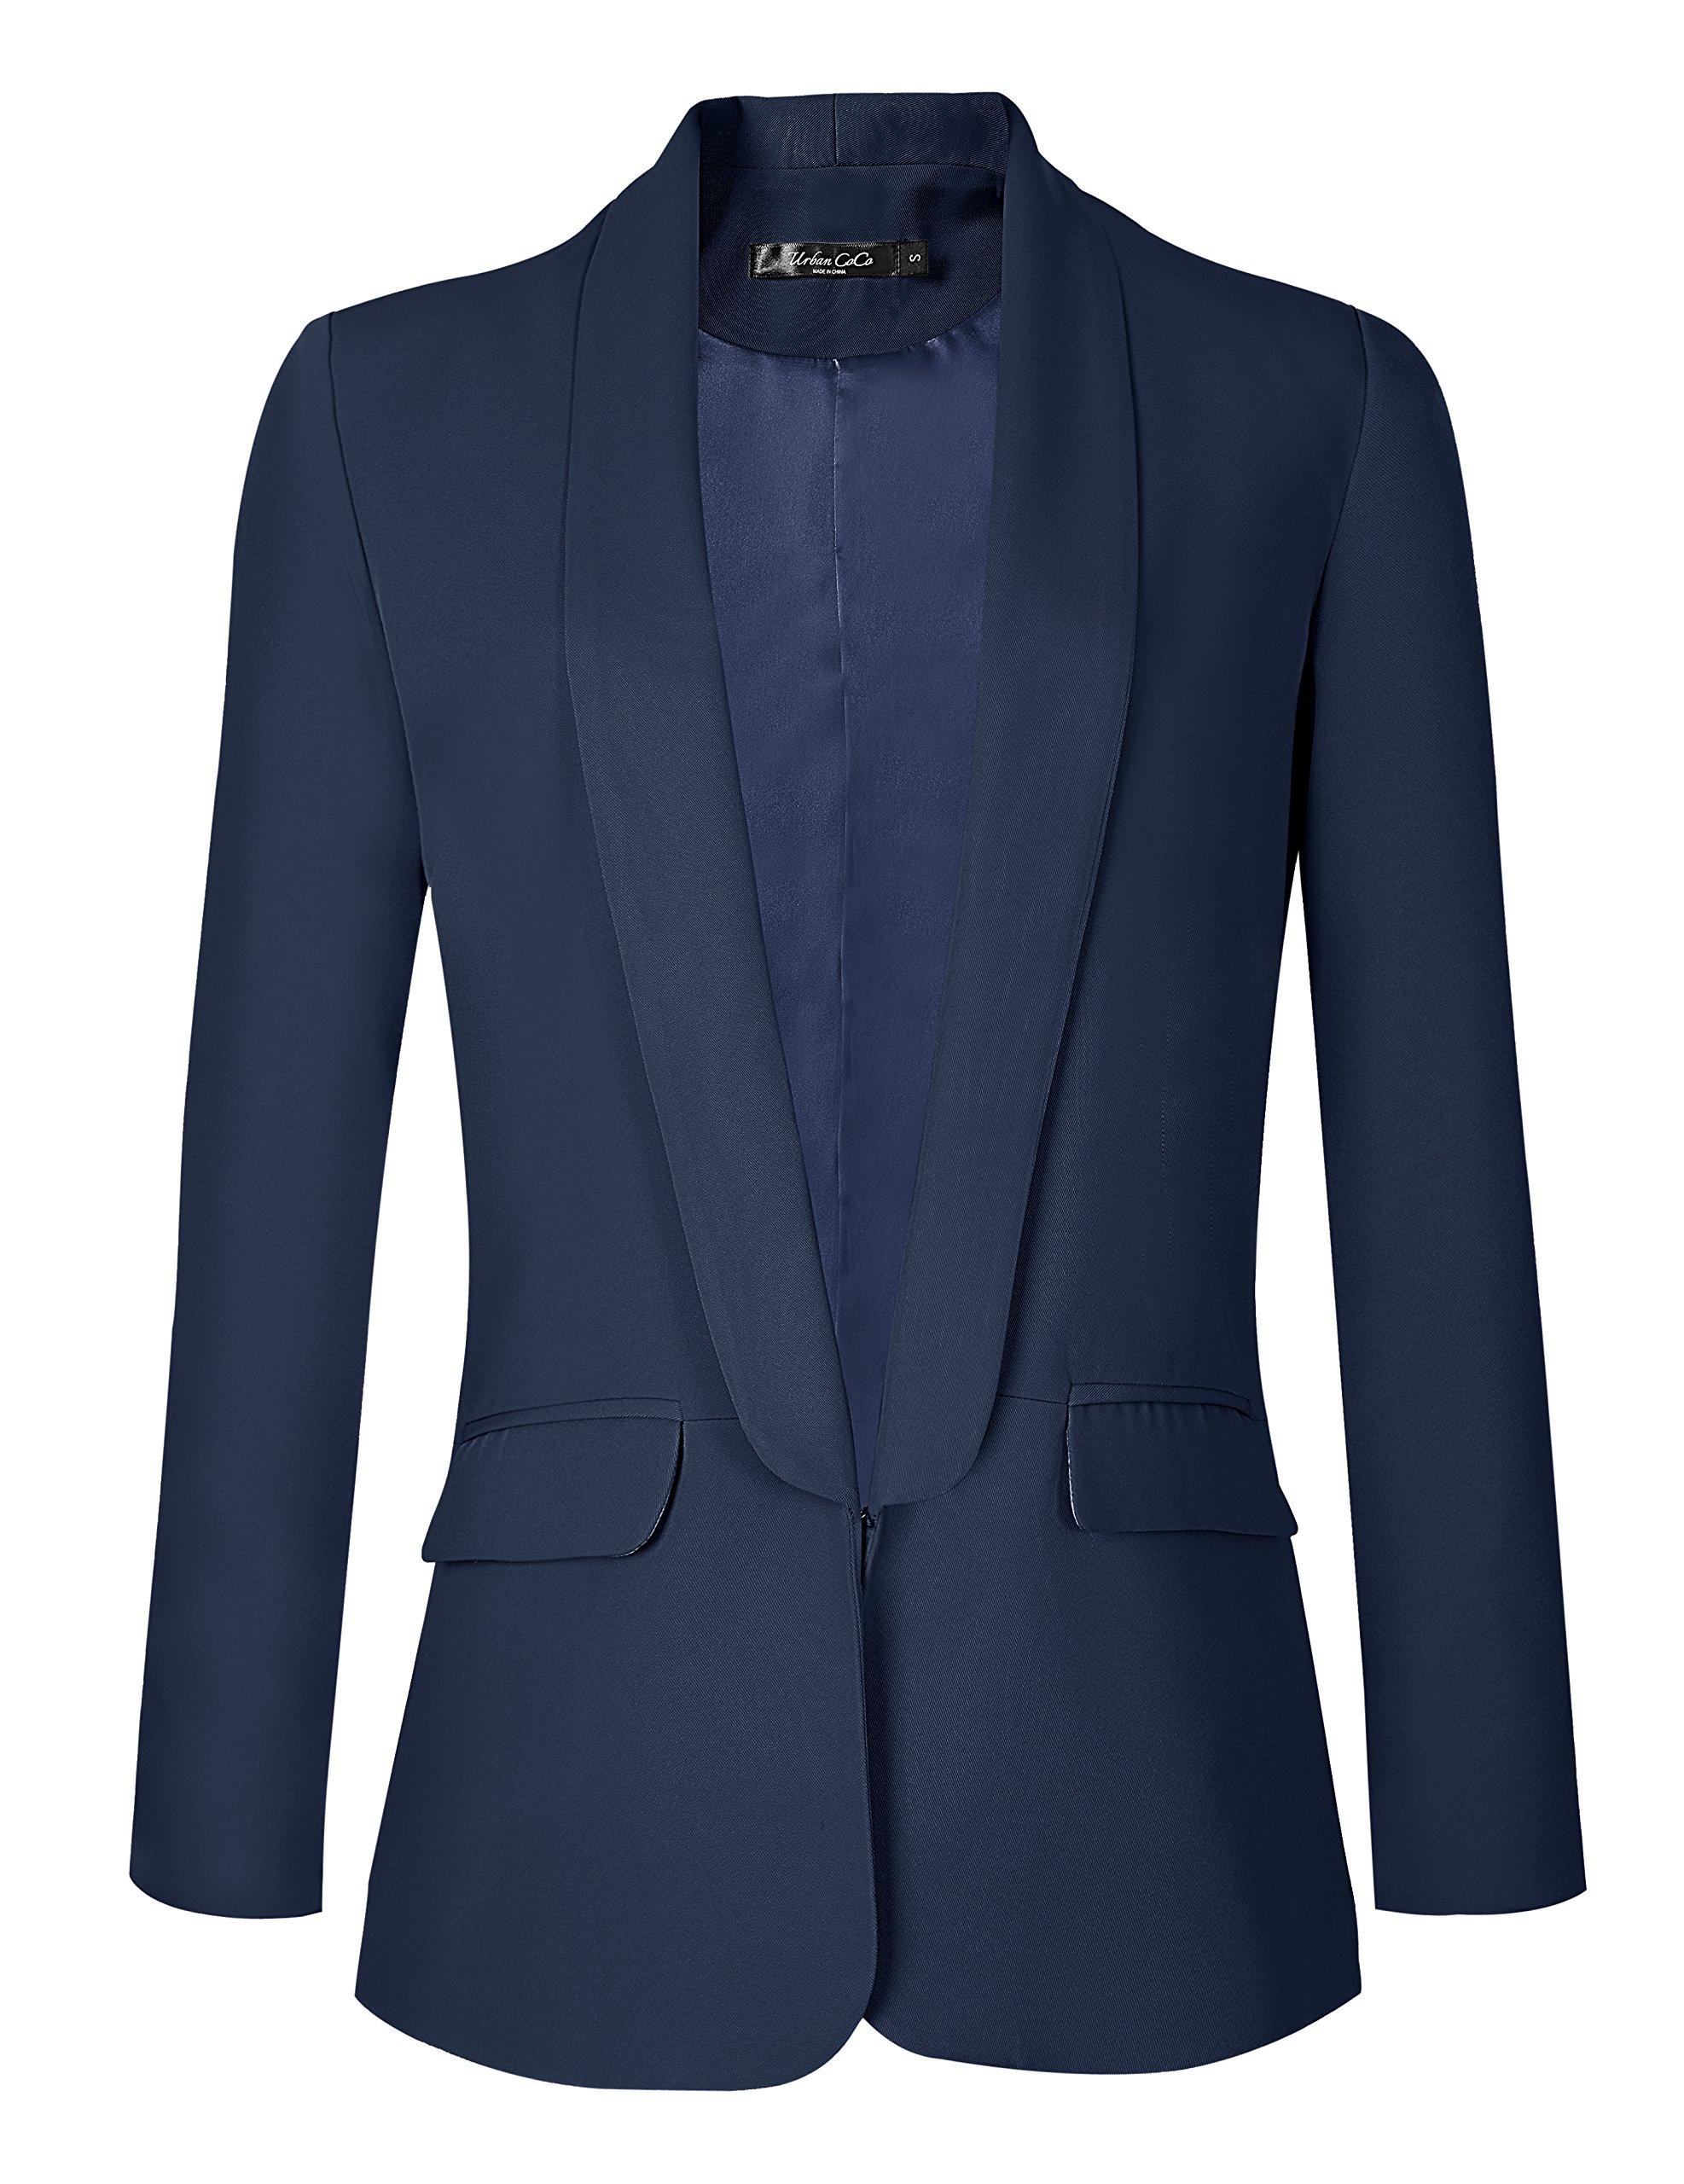 Urban CoCo Women's Office Blazer Jacket Open Front (L, Navy Blue)